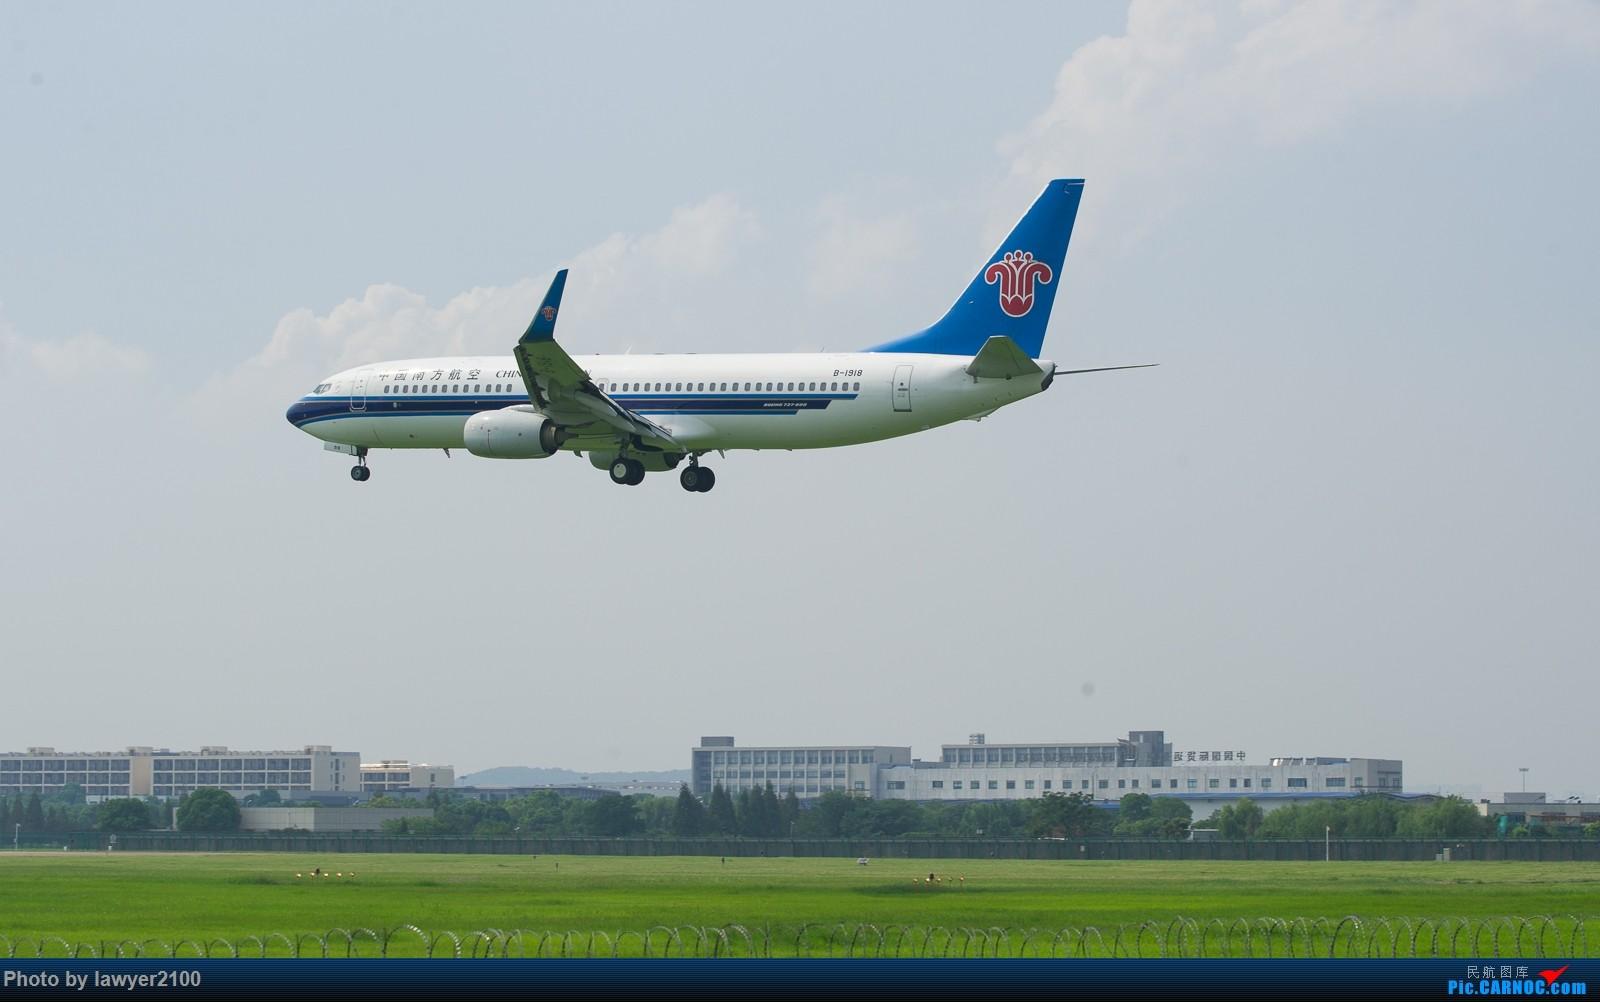 Re:[原创]HGH,一组落地背影 BOEING 737-800 B-1918 中国杭州萧山国际机场